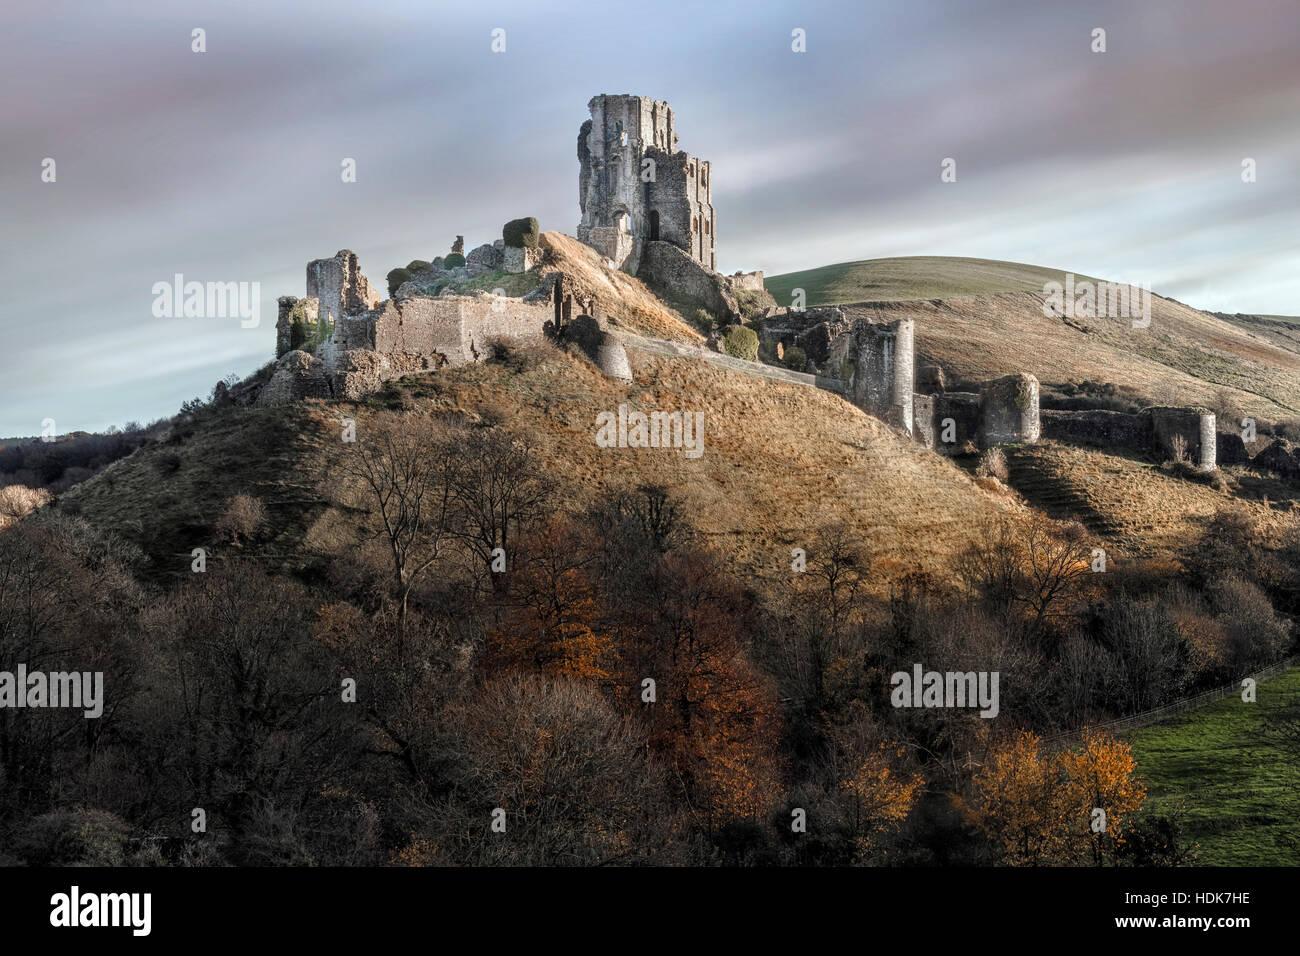 El castillo Corfe, en Dorset, Inglaterra, Reino Unido. Imagen De Stock